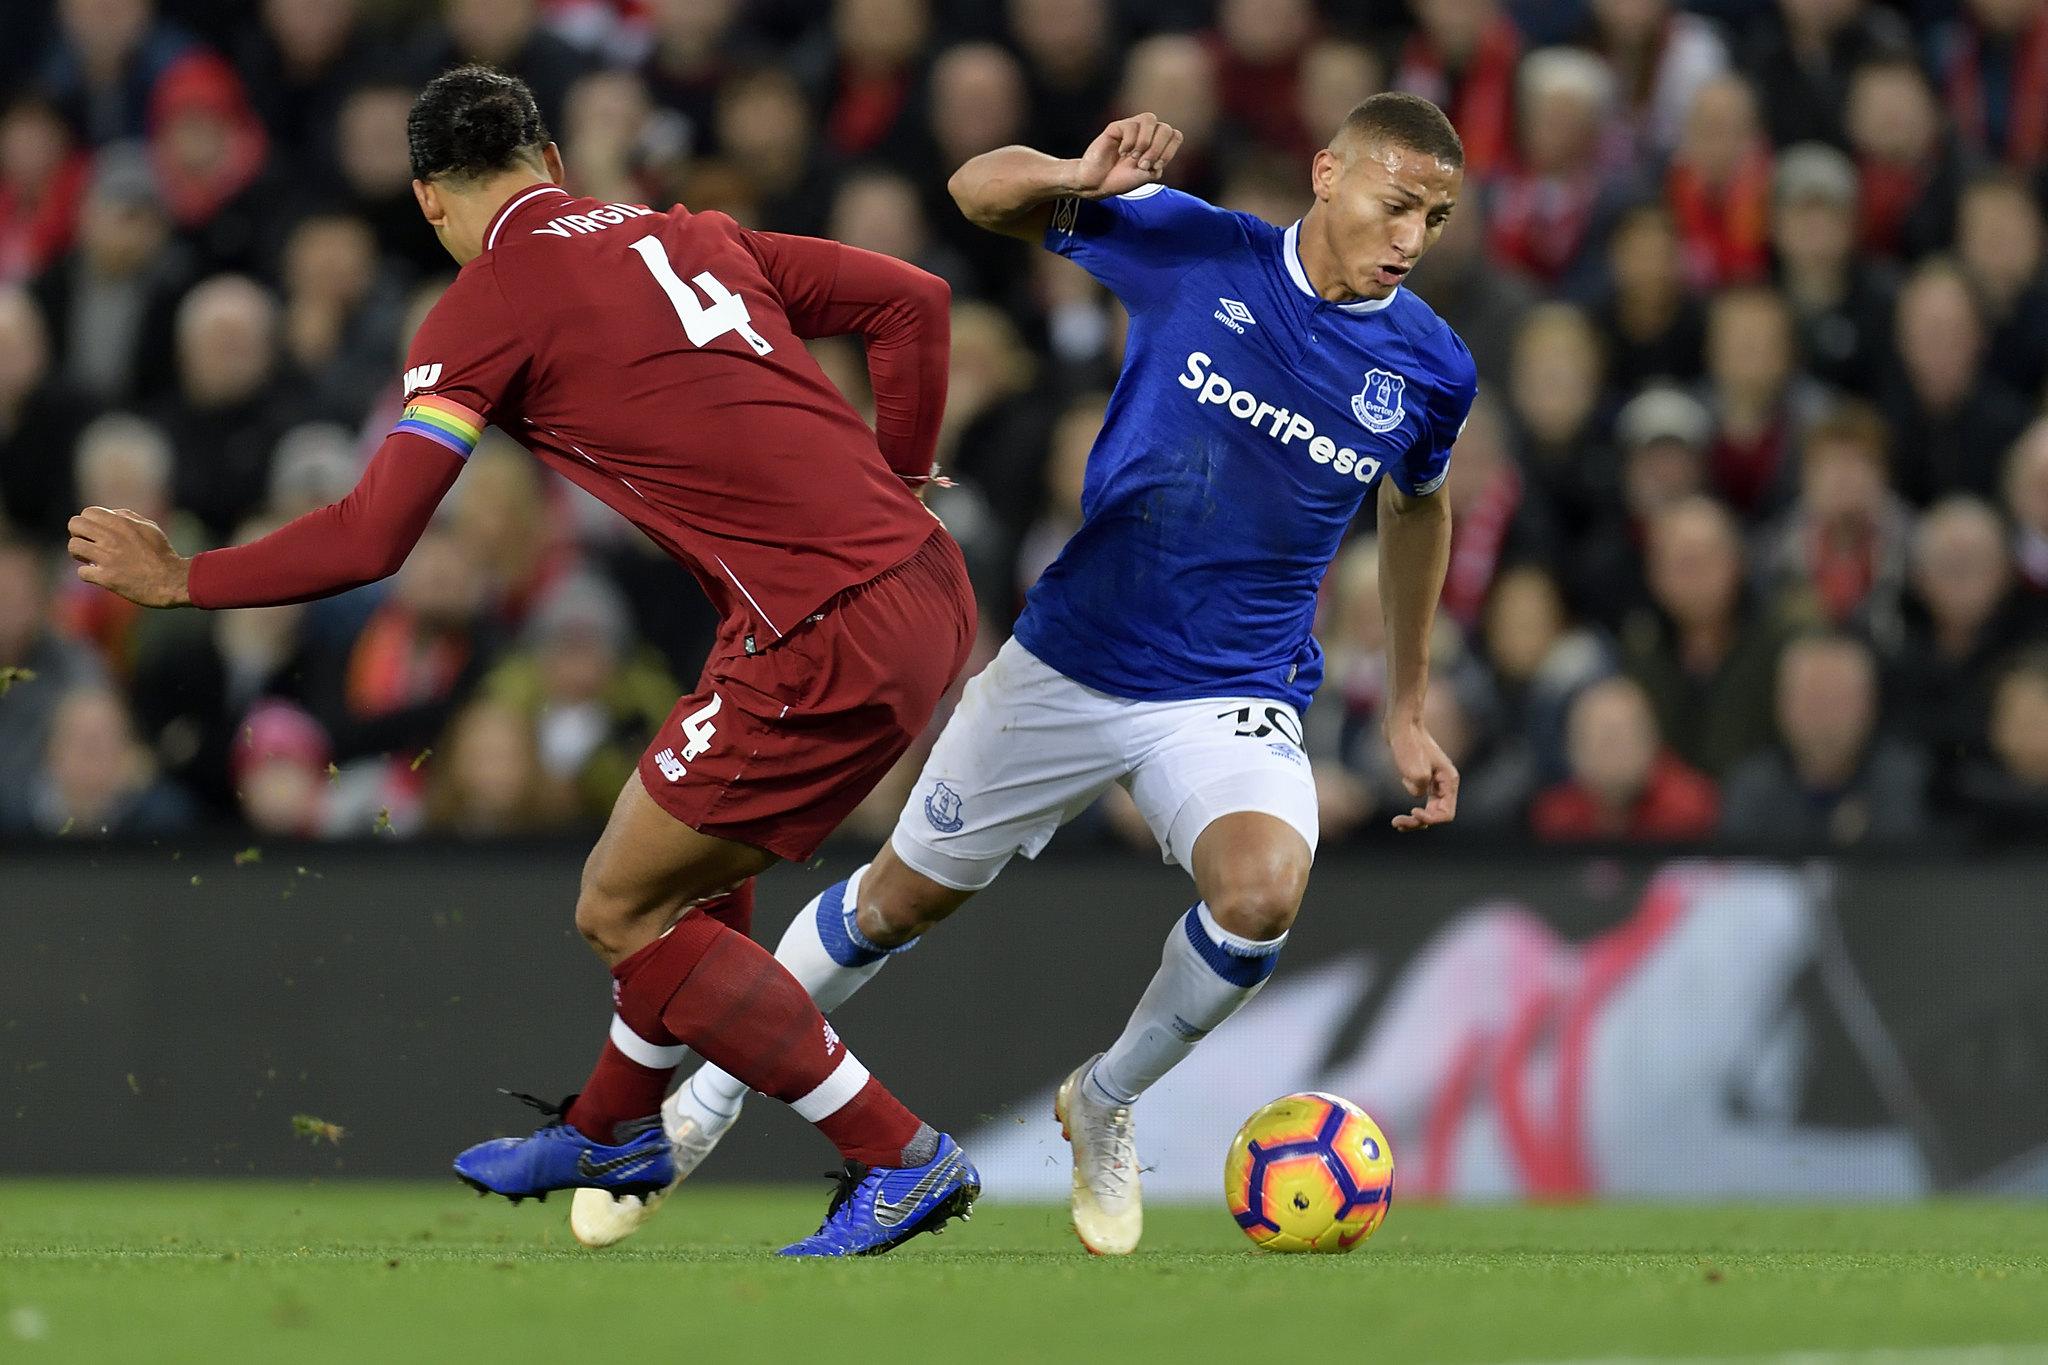 Premier League: Liverpool vs Everton Preview